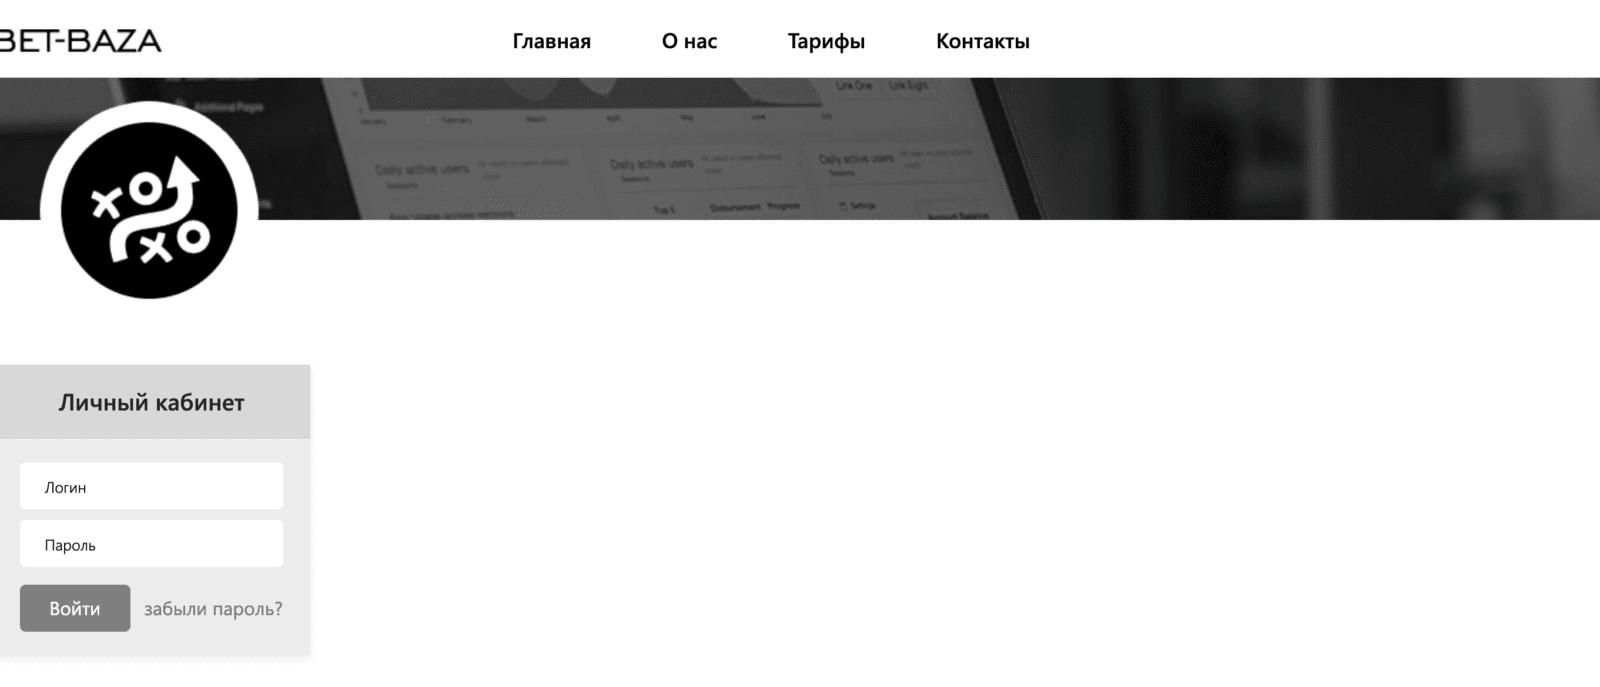 Главная страница сайта Bet Baza com (Бет База ком)